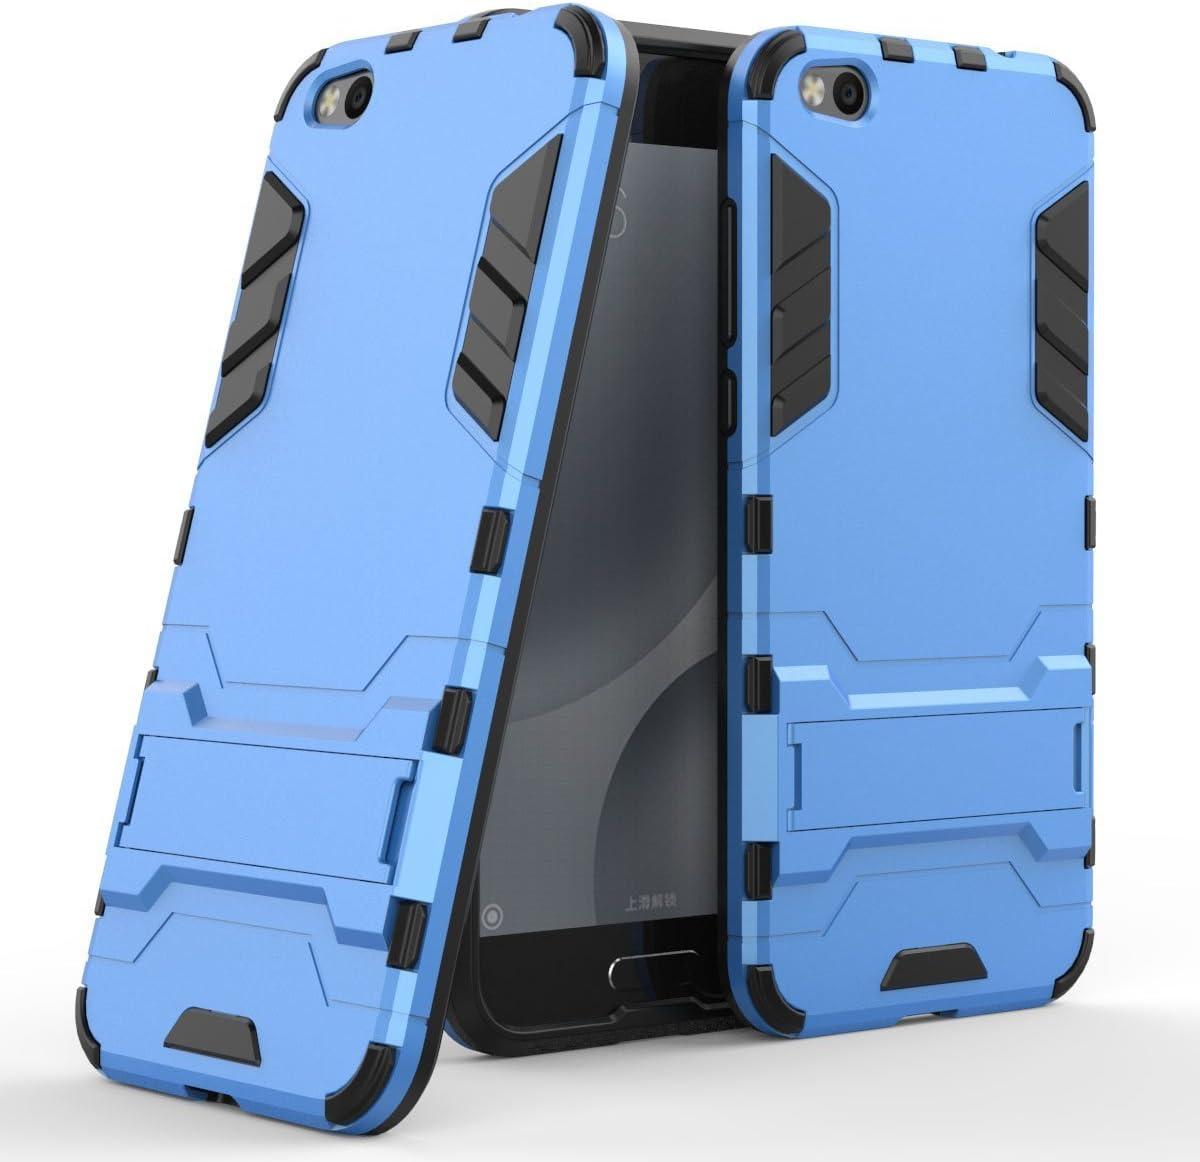 Funda para Xiaomi Mi 5C (5,15 Pulgadas) 2 en 1 Híbrida Rugged Armor Case Choque Absorción Protección Dual Layer Bumper Carcasa con Pata de Cabra (Azul): Amazon.es: Hogar